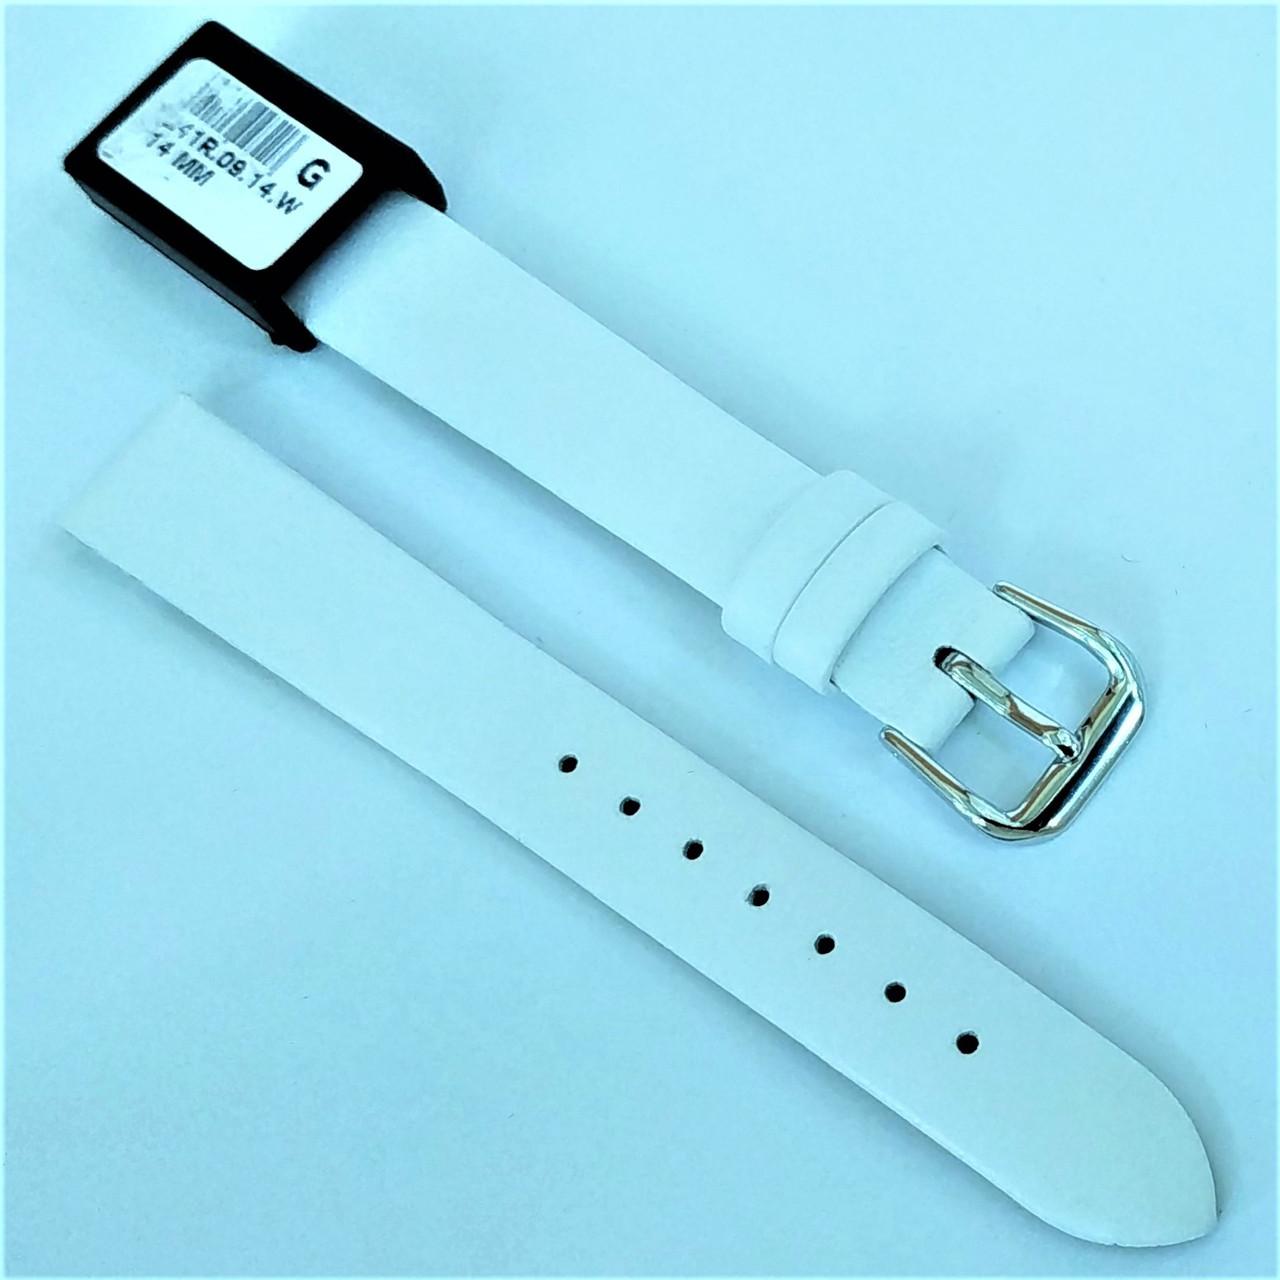 14 мм Кожаный Ремешок для часов CONDOR 241.14.09 Белый Ремешок на часы из Натуральной кожи